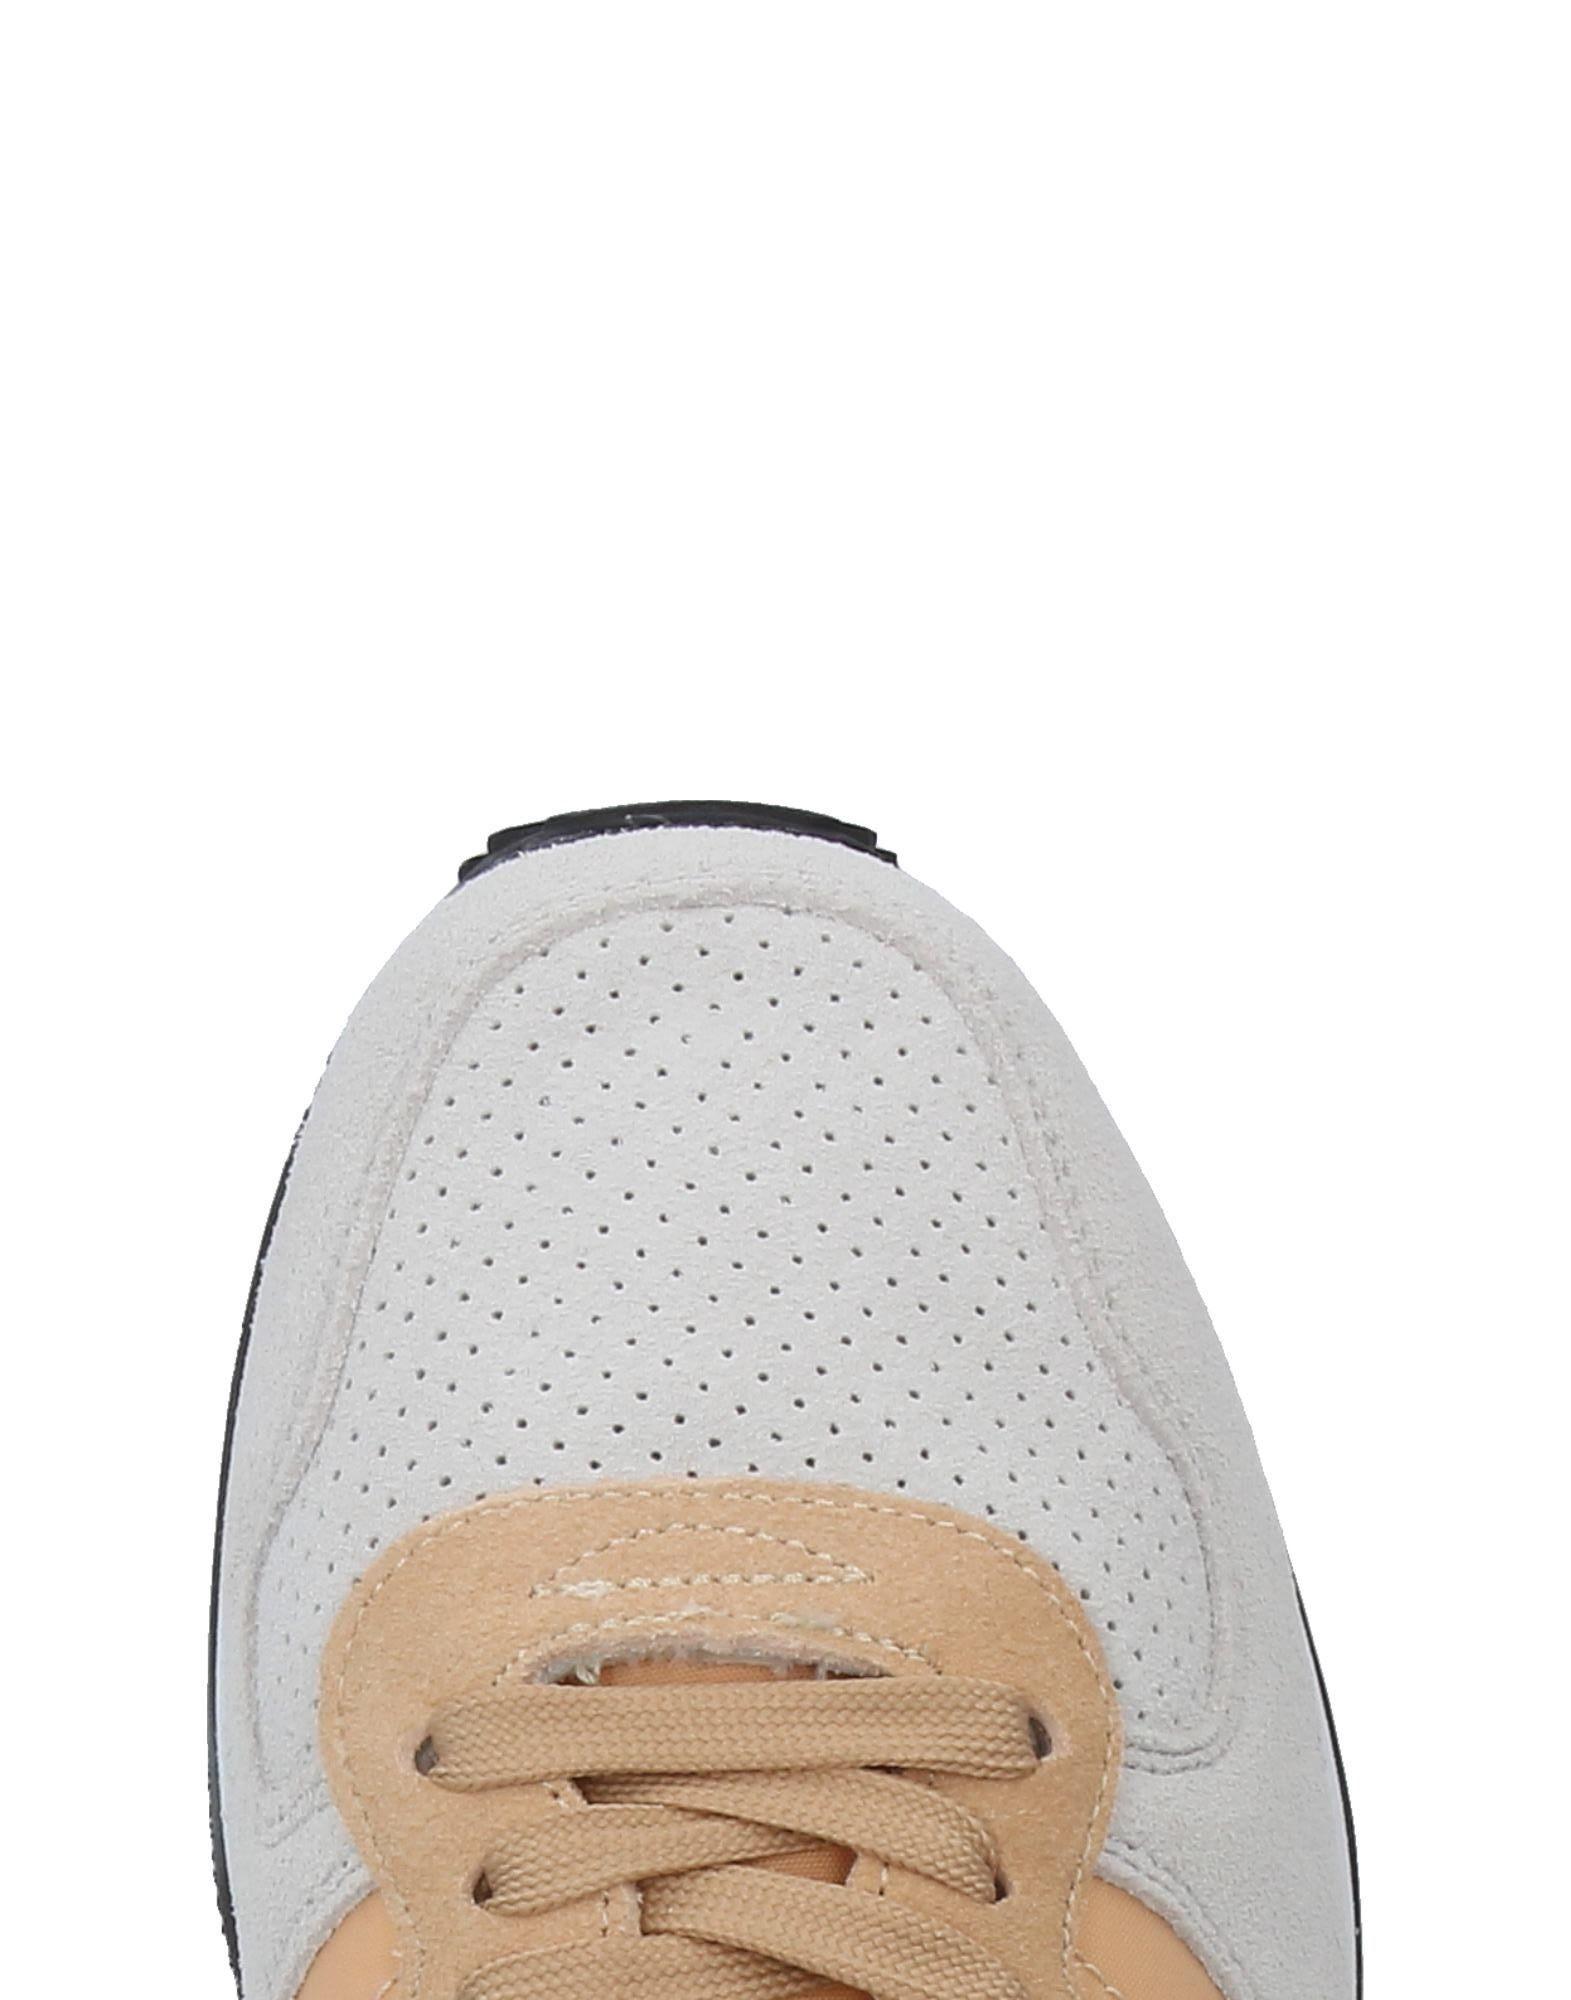 Rabatt Diadora echte Schuhe Diadora Rabatt Sneakers Herren  11371913QH 9a9aec